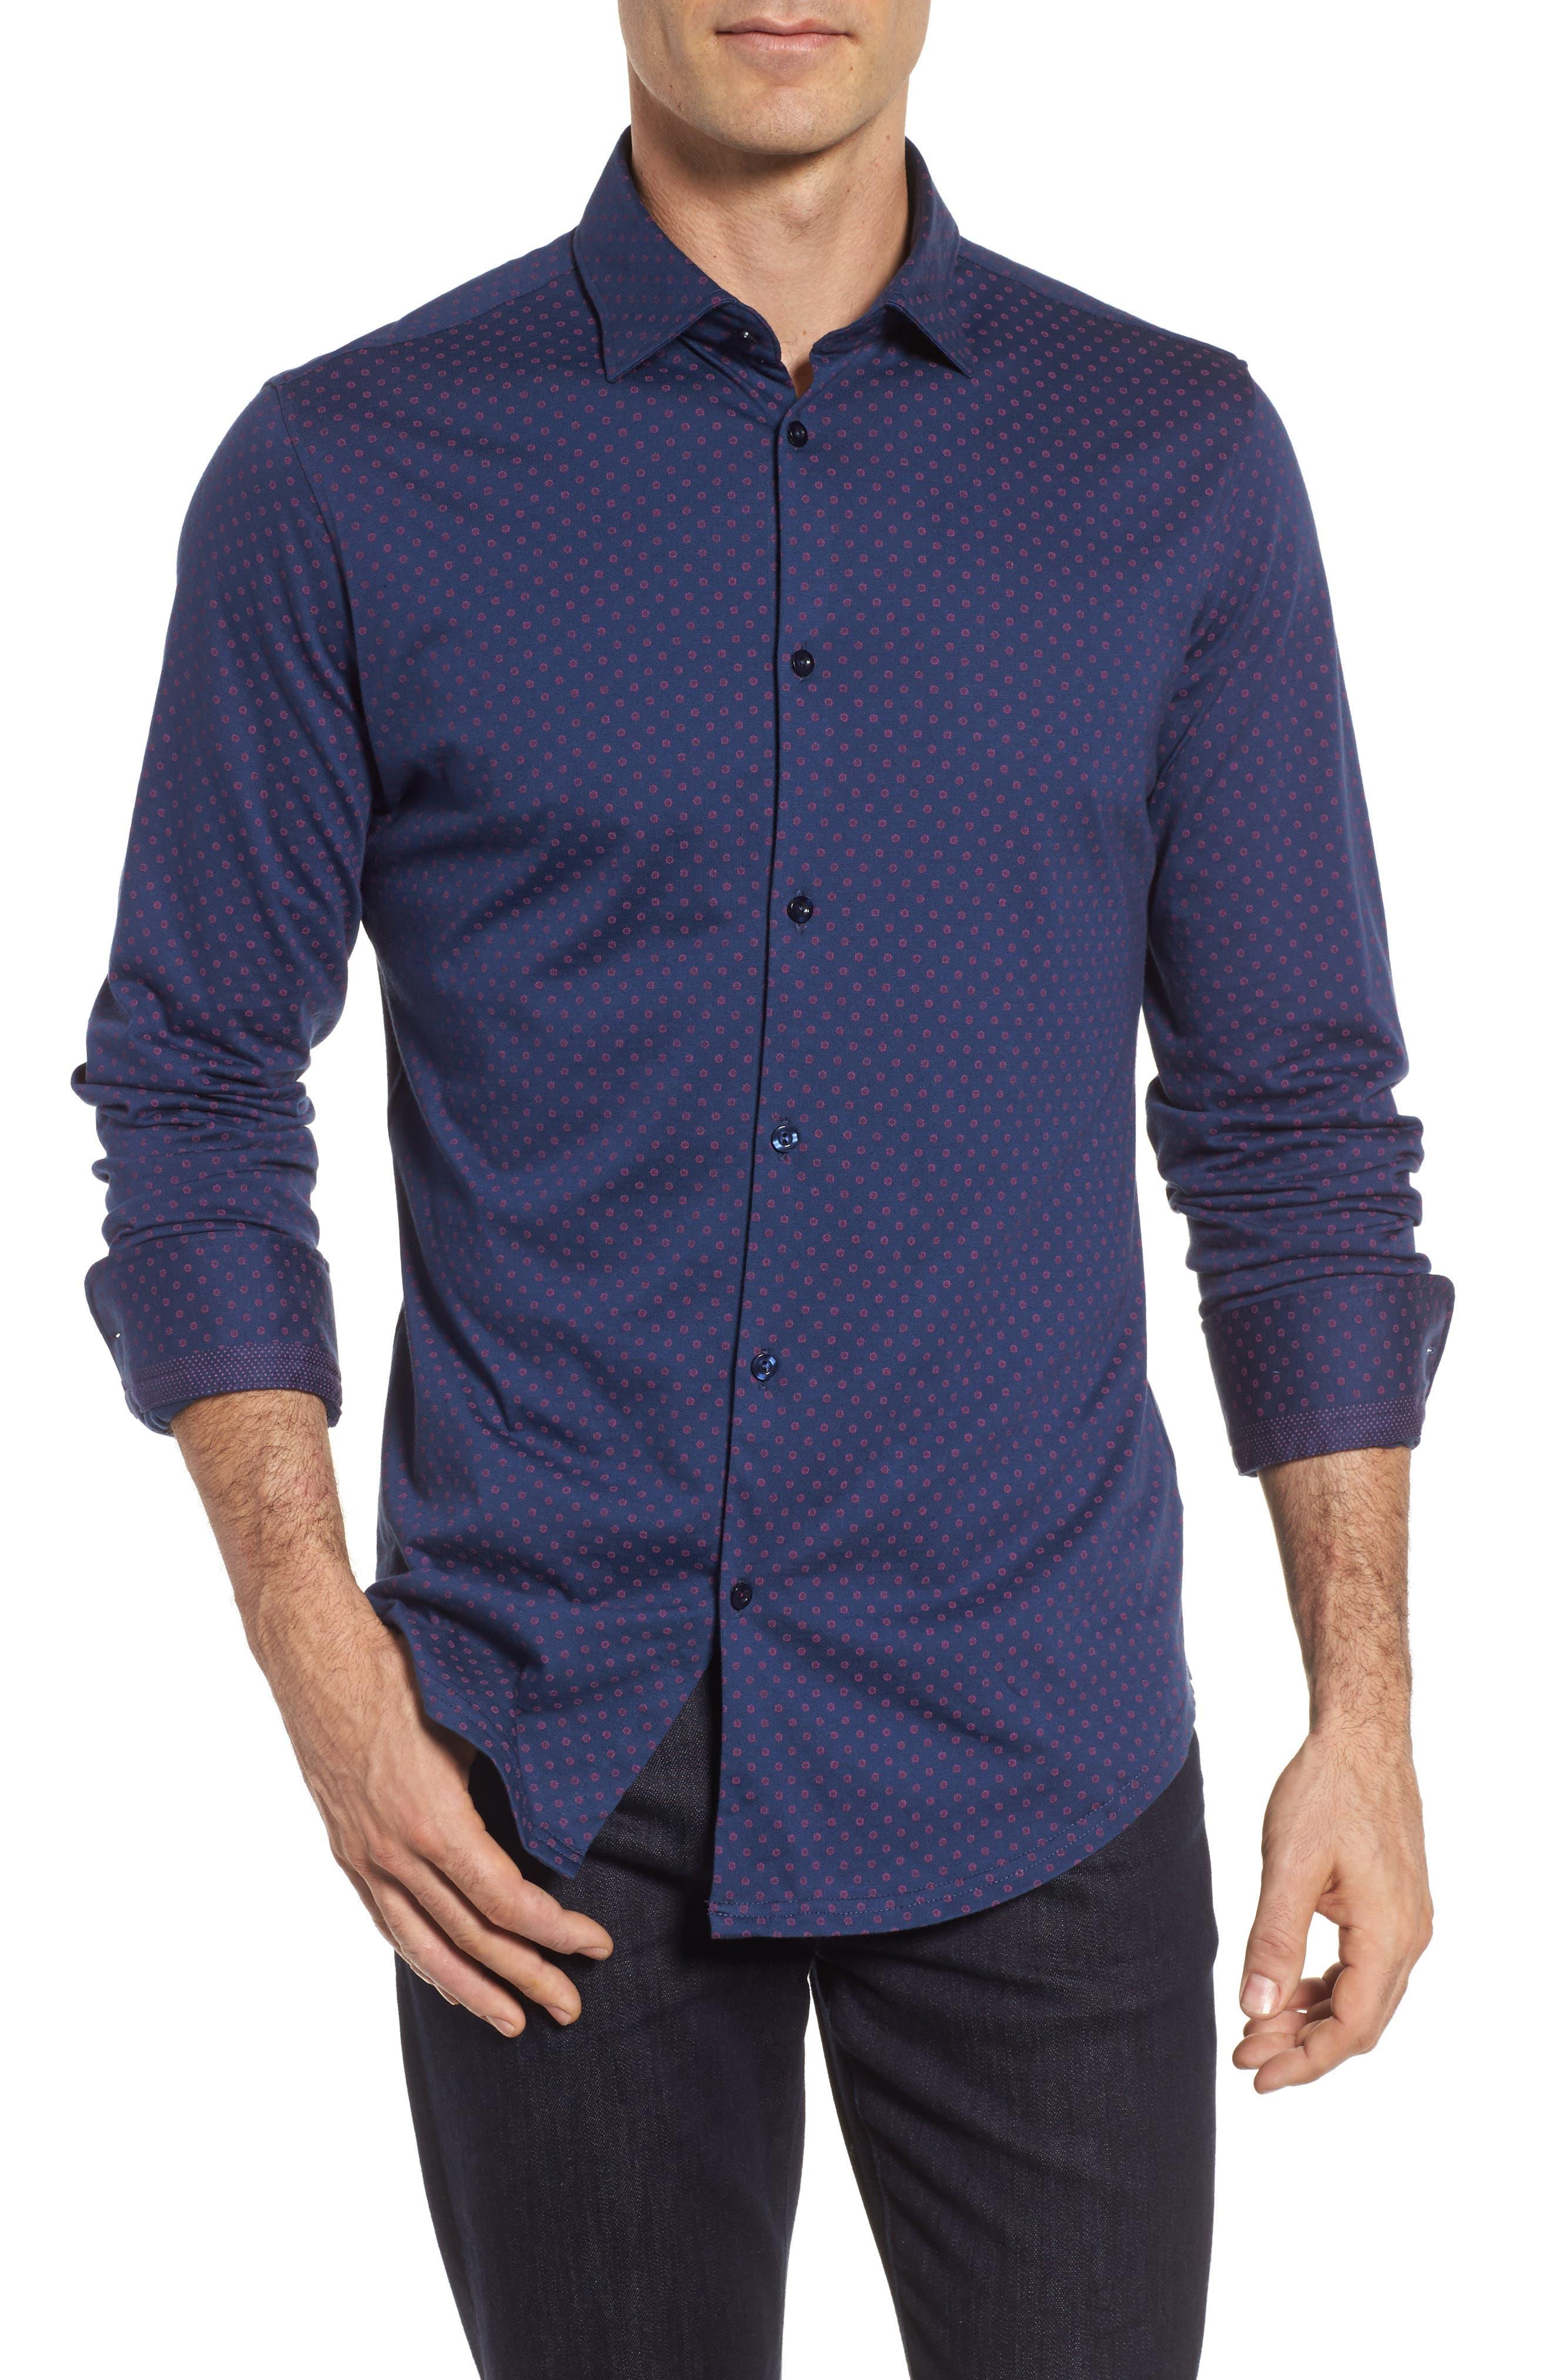 Ship Wheel Knit Sport Shirt,                             Main thumbnail 1, color,                             Navy